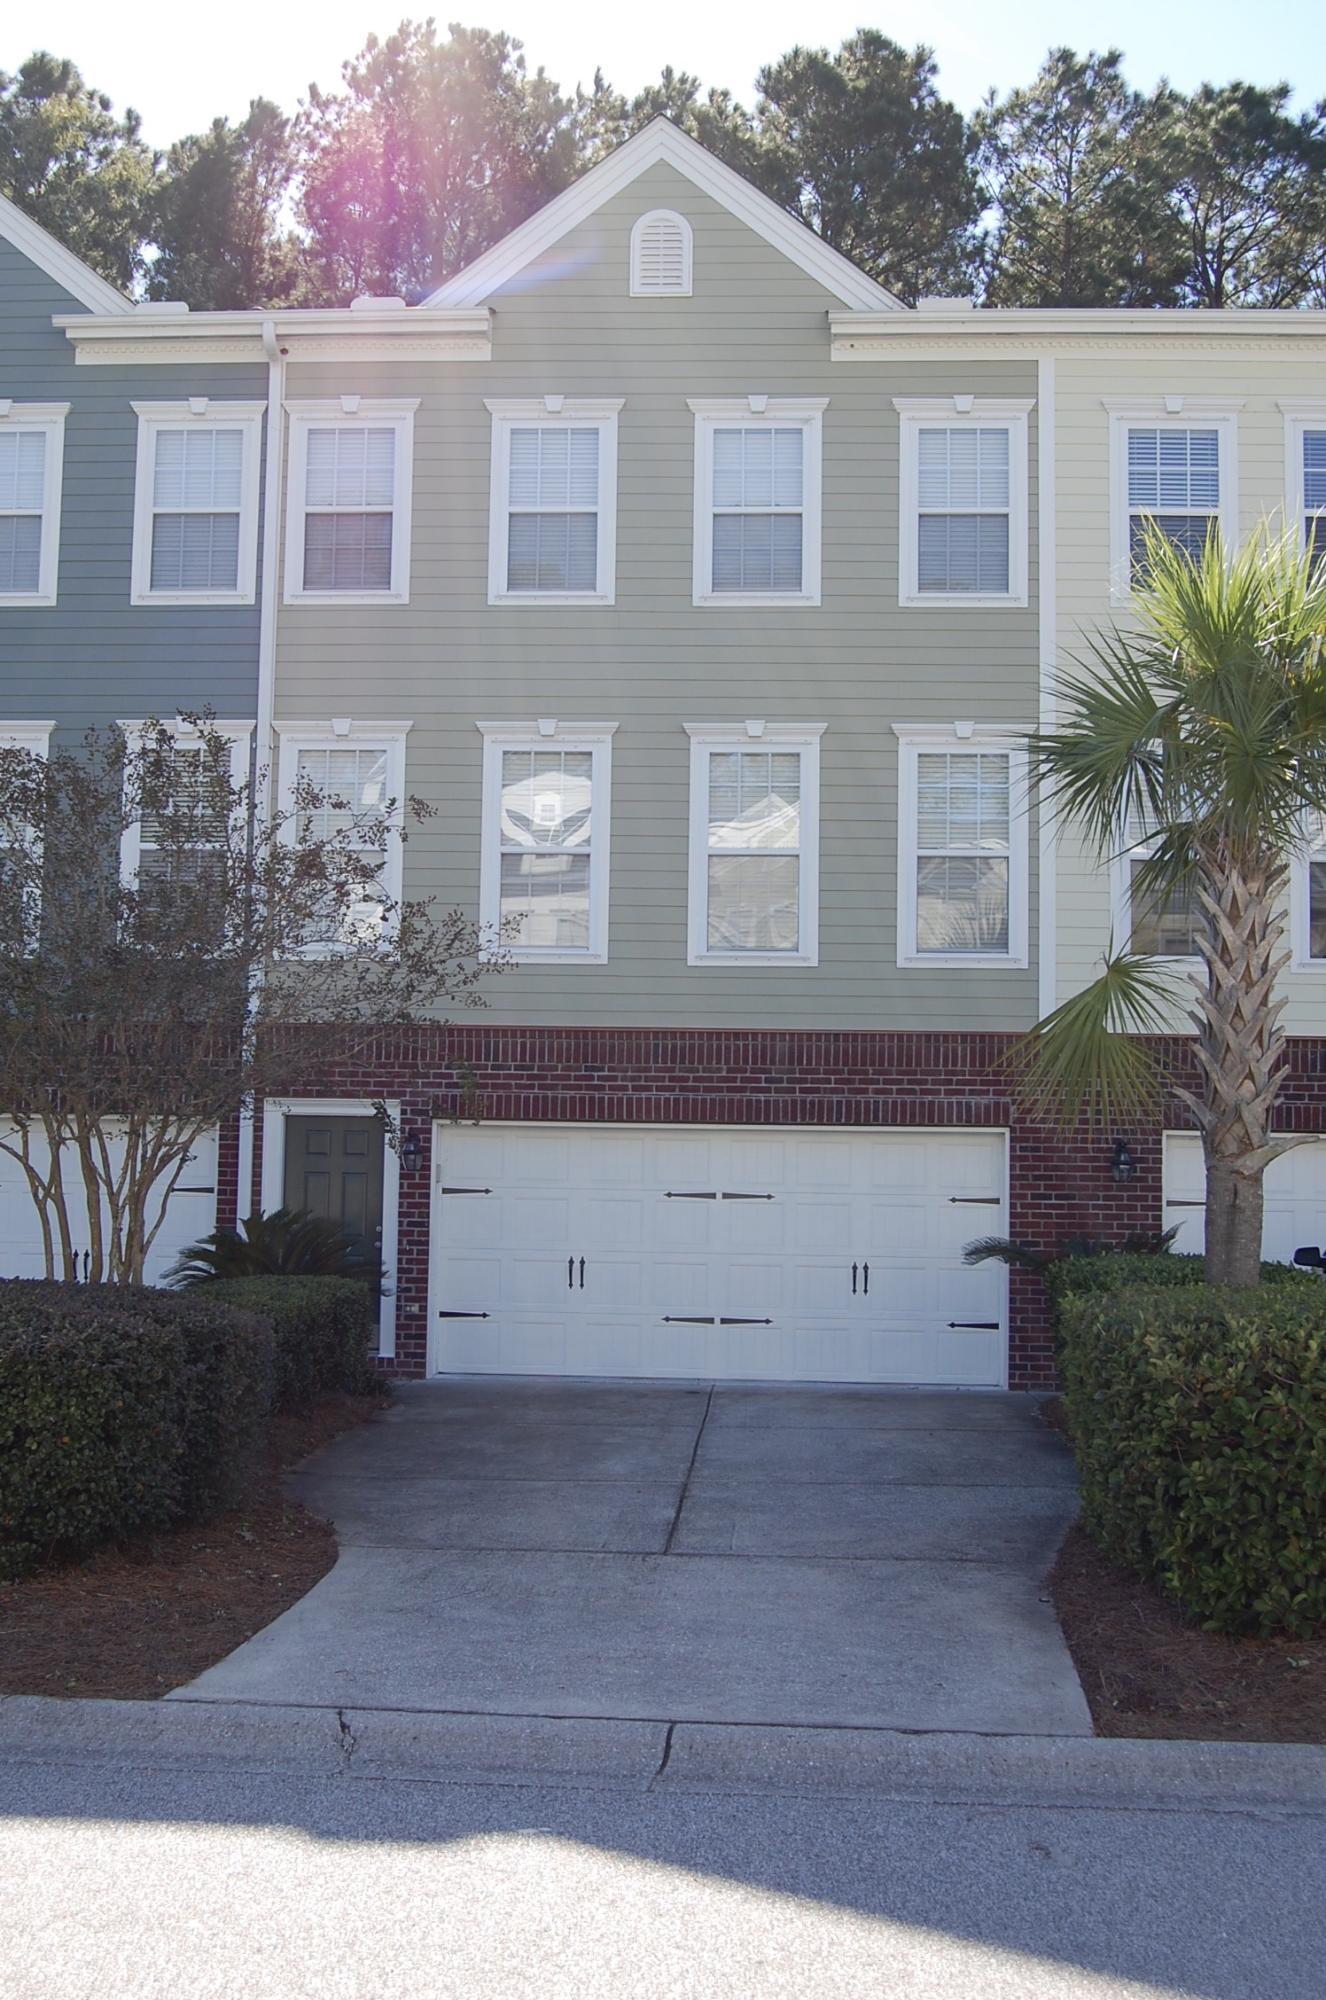 Park West Homes For Sale - 3529 Claremont, Mount Pleasant, SC - 1